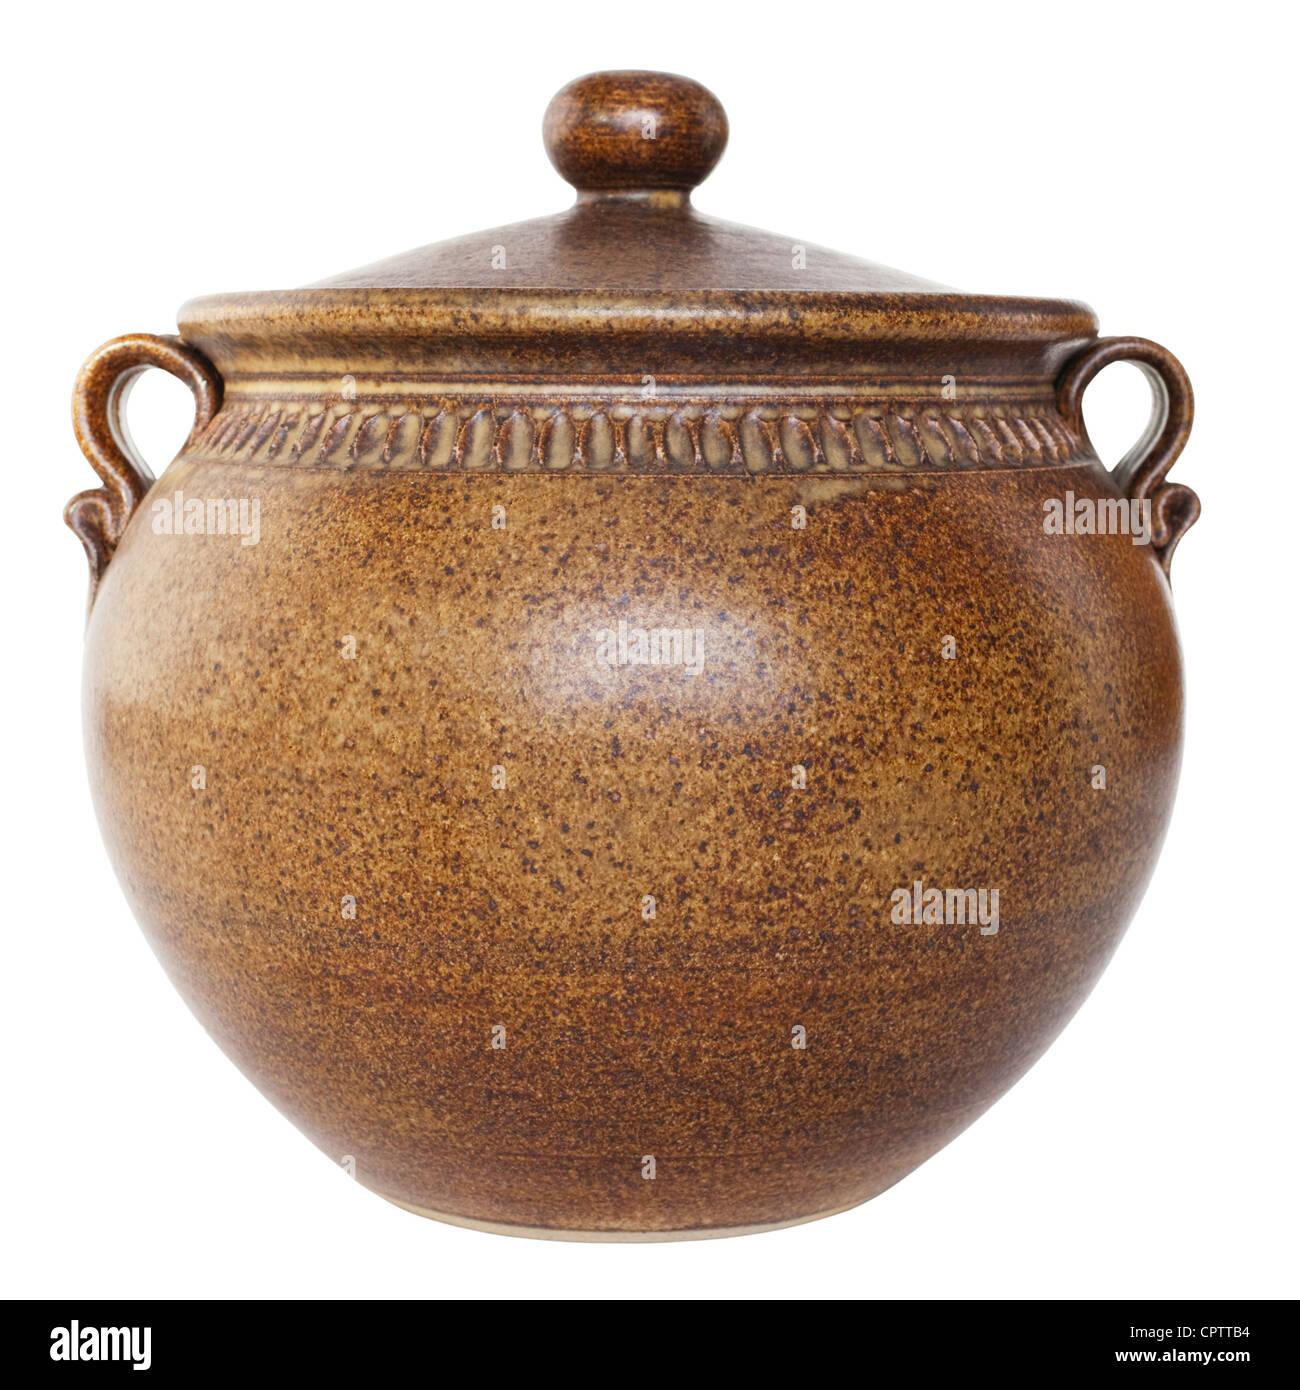 La poterie traditionnelle cocotte marron isolé sur blanc. Photo Stock